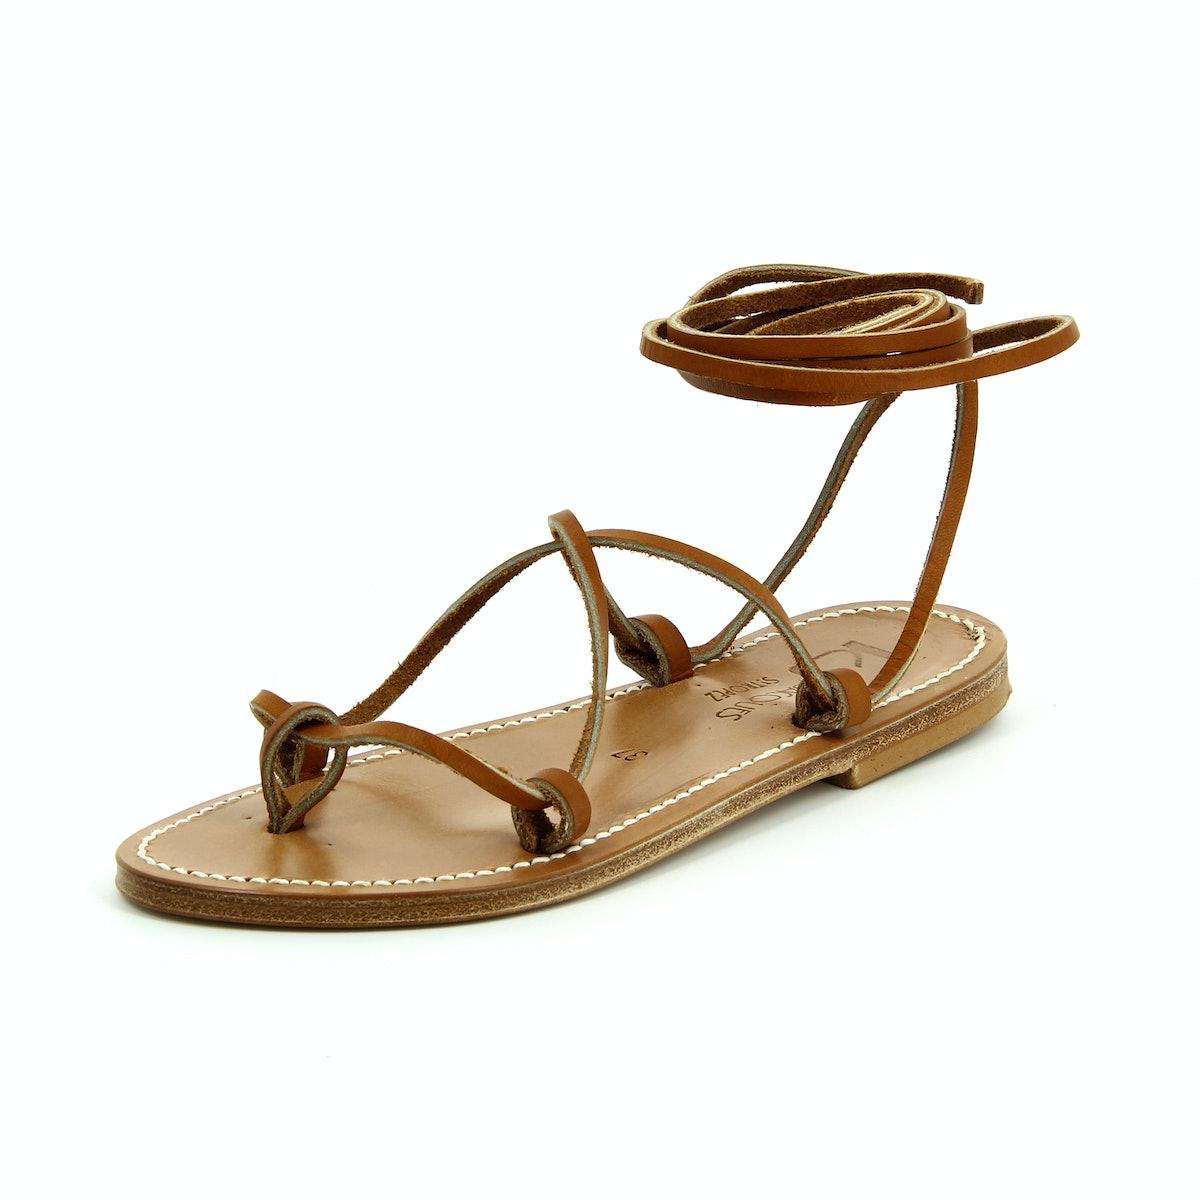 K. Jacques St. Tropez sandals